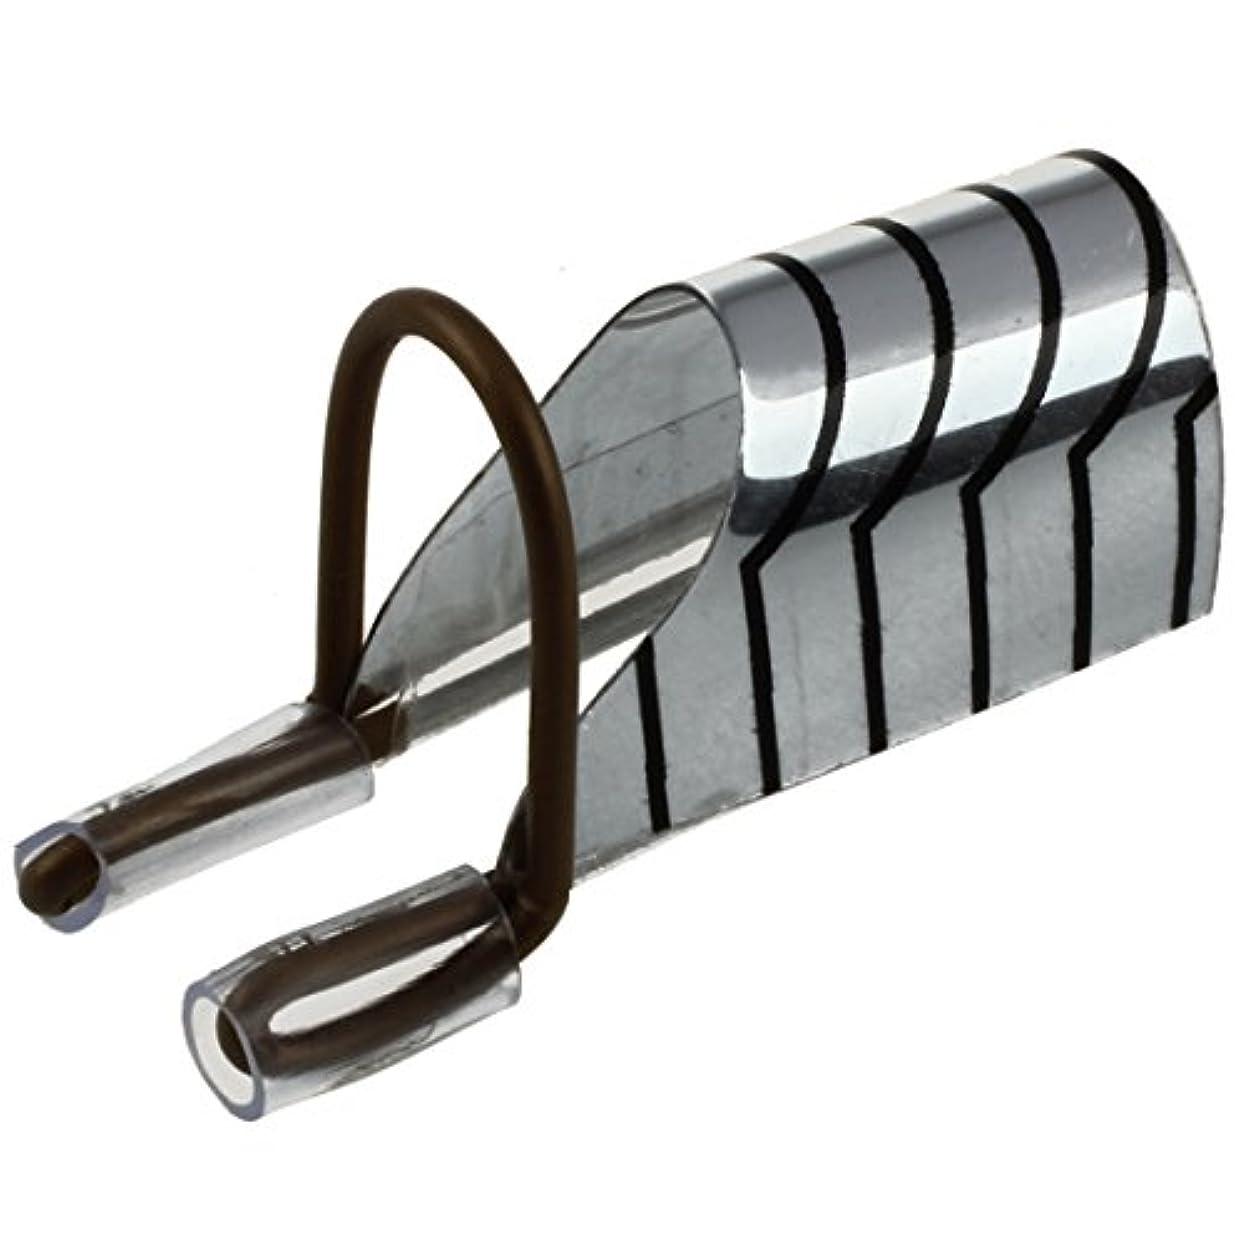 解く請求下手SODIAL(R) 5個再利用可能なネイルアートフォームのUVジェルフレンチアクリルヒントプロテクターツール銀箔W/ ボックス